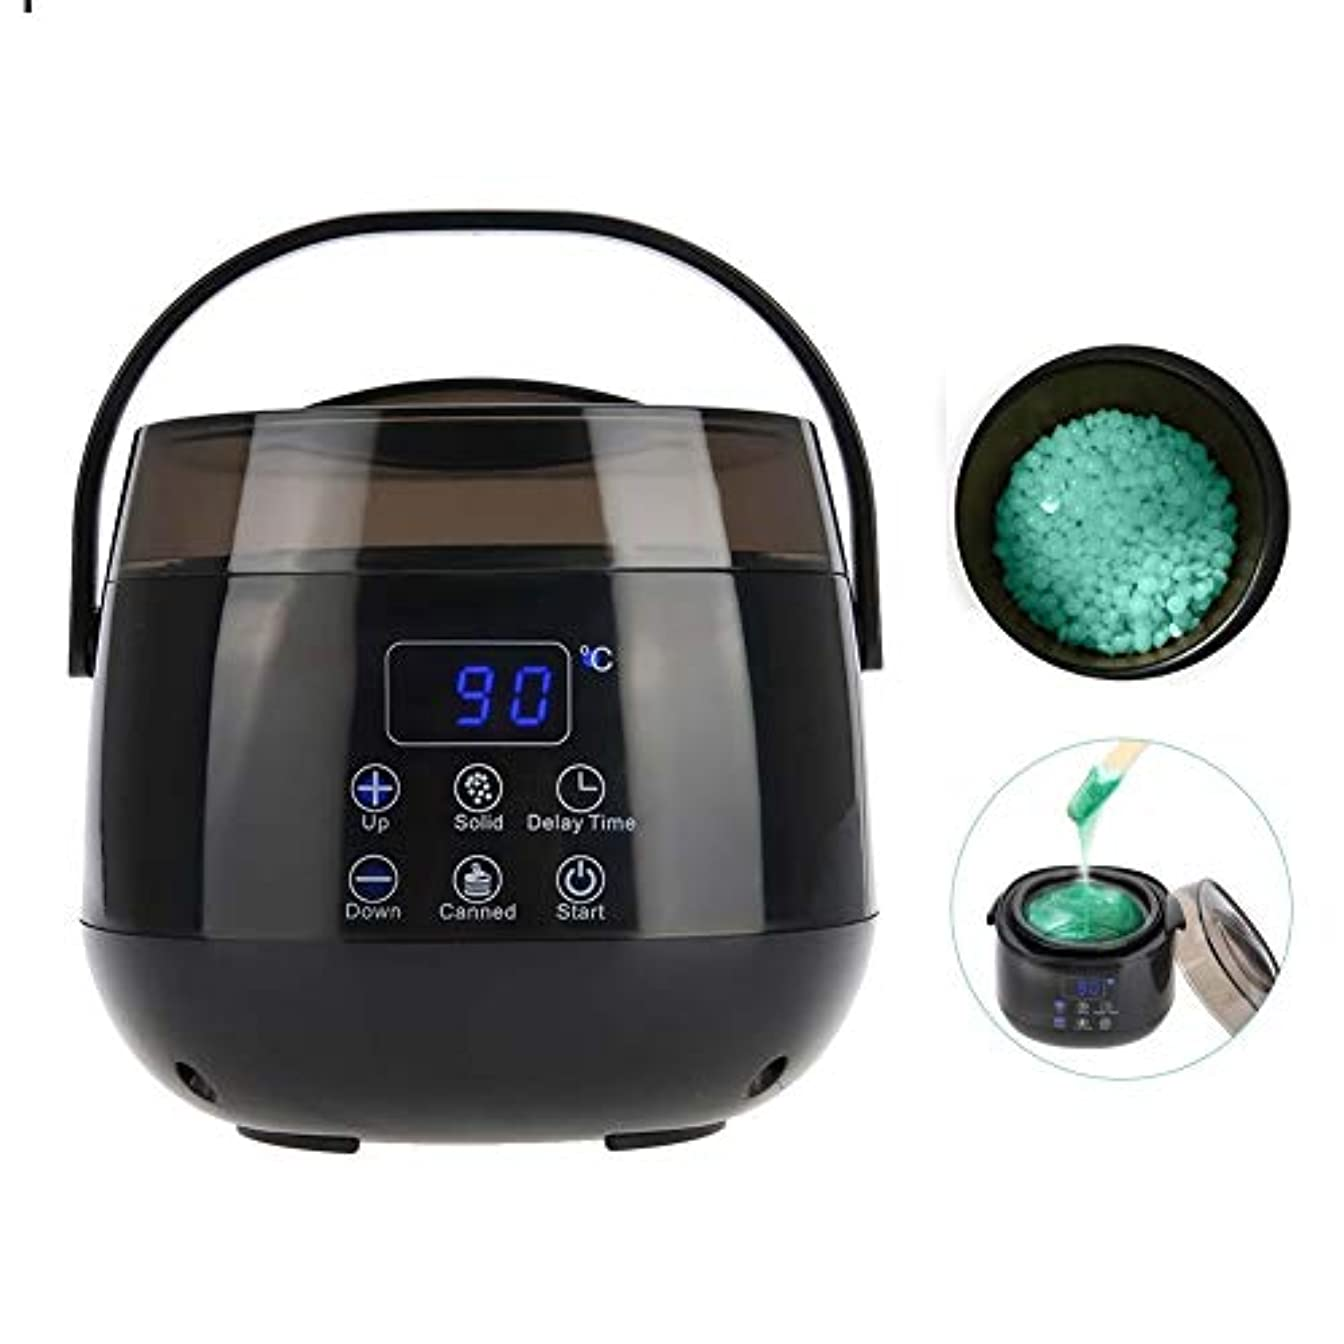 ドループ電圧偽装するワックスマシン、体の髪をきれいにするのは簡単450ml HD LCDスクリーンとの温度調節可能な0?135℃の毛の取り外しのための急速に熱くする堅いワックス機械を取除きます(USプラグ)